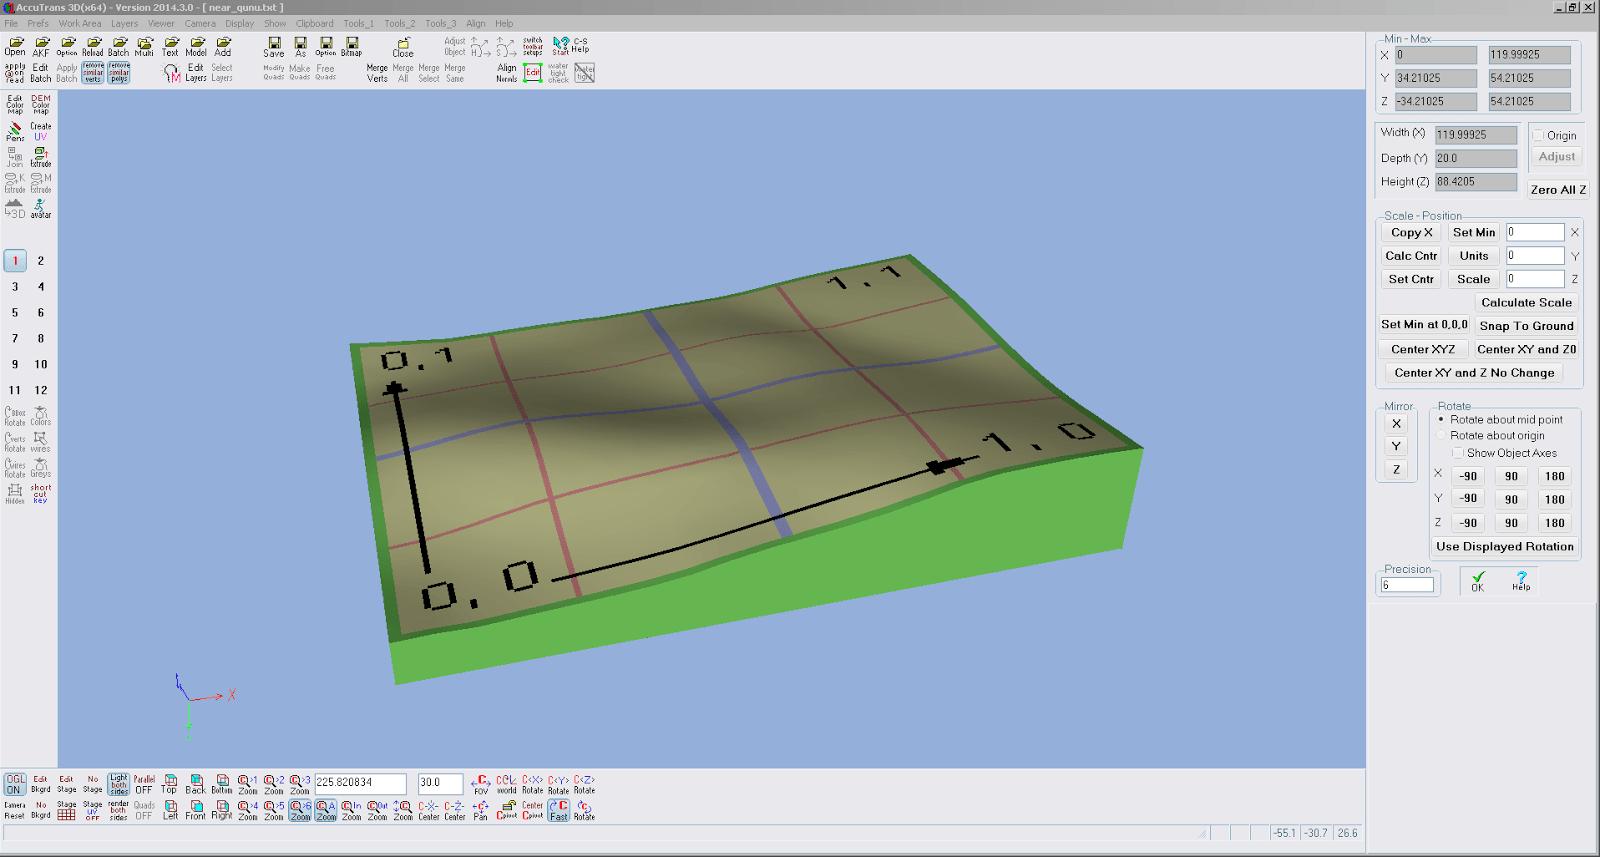 Screenshot der Relieferstellung in AccuTrans 3D